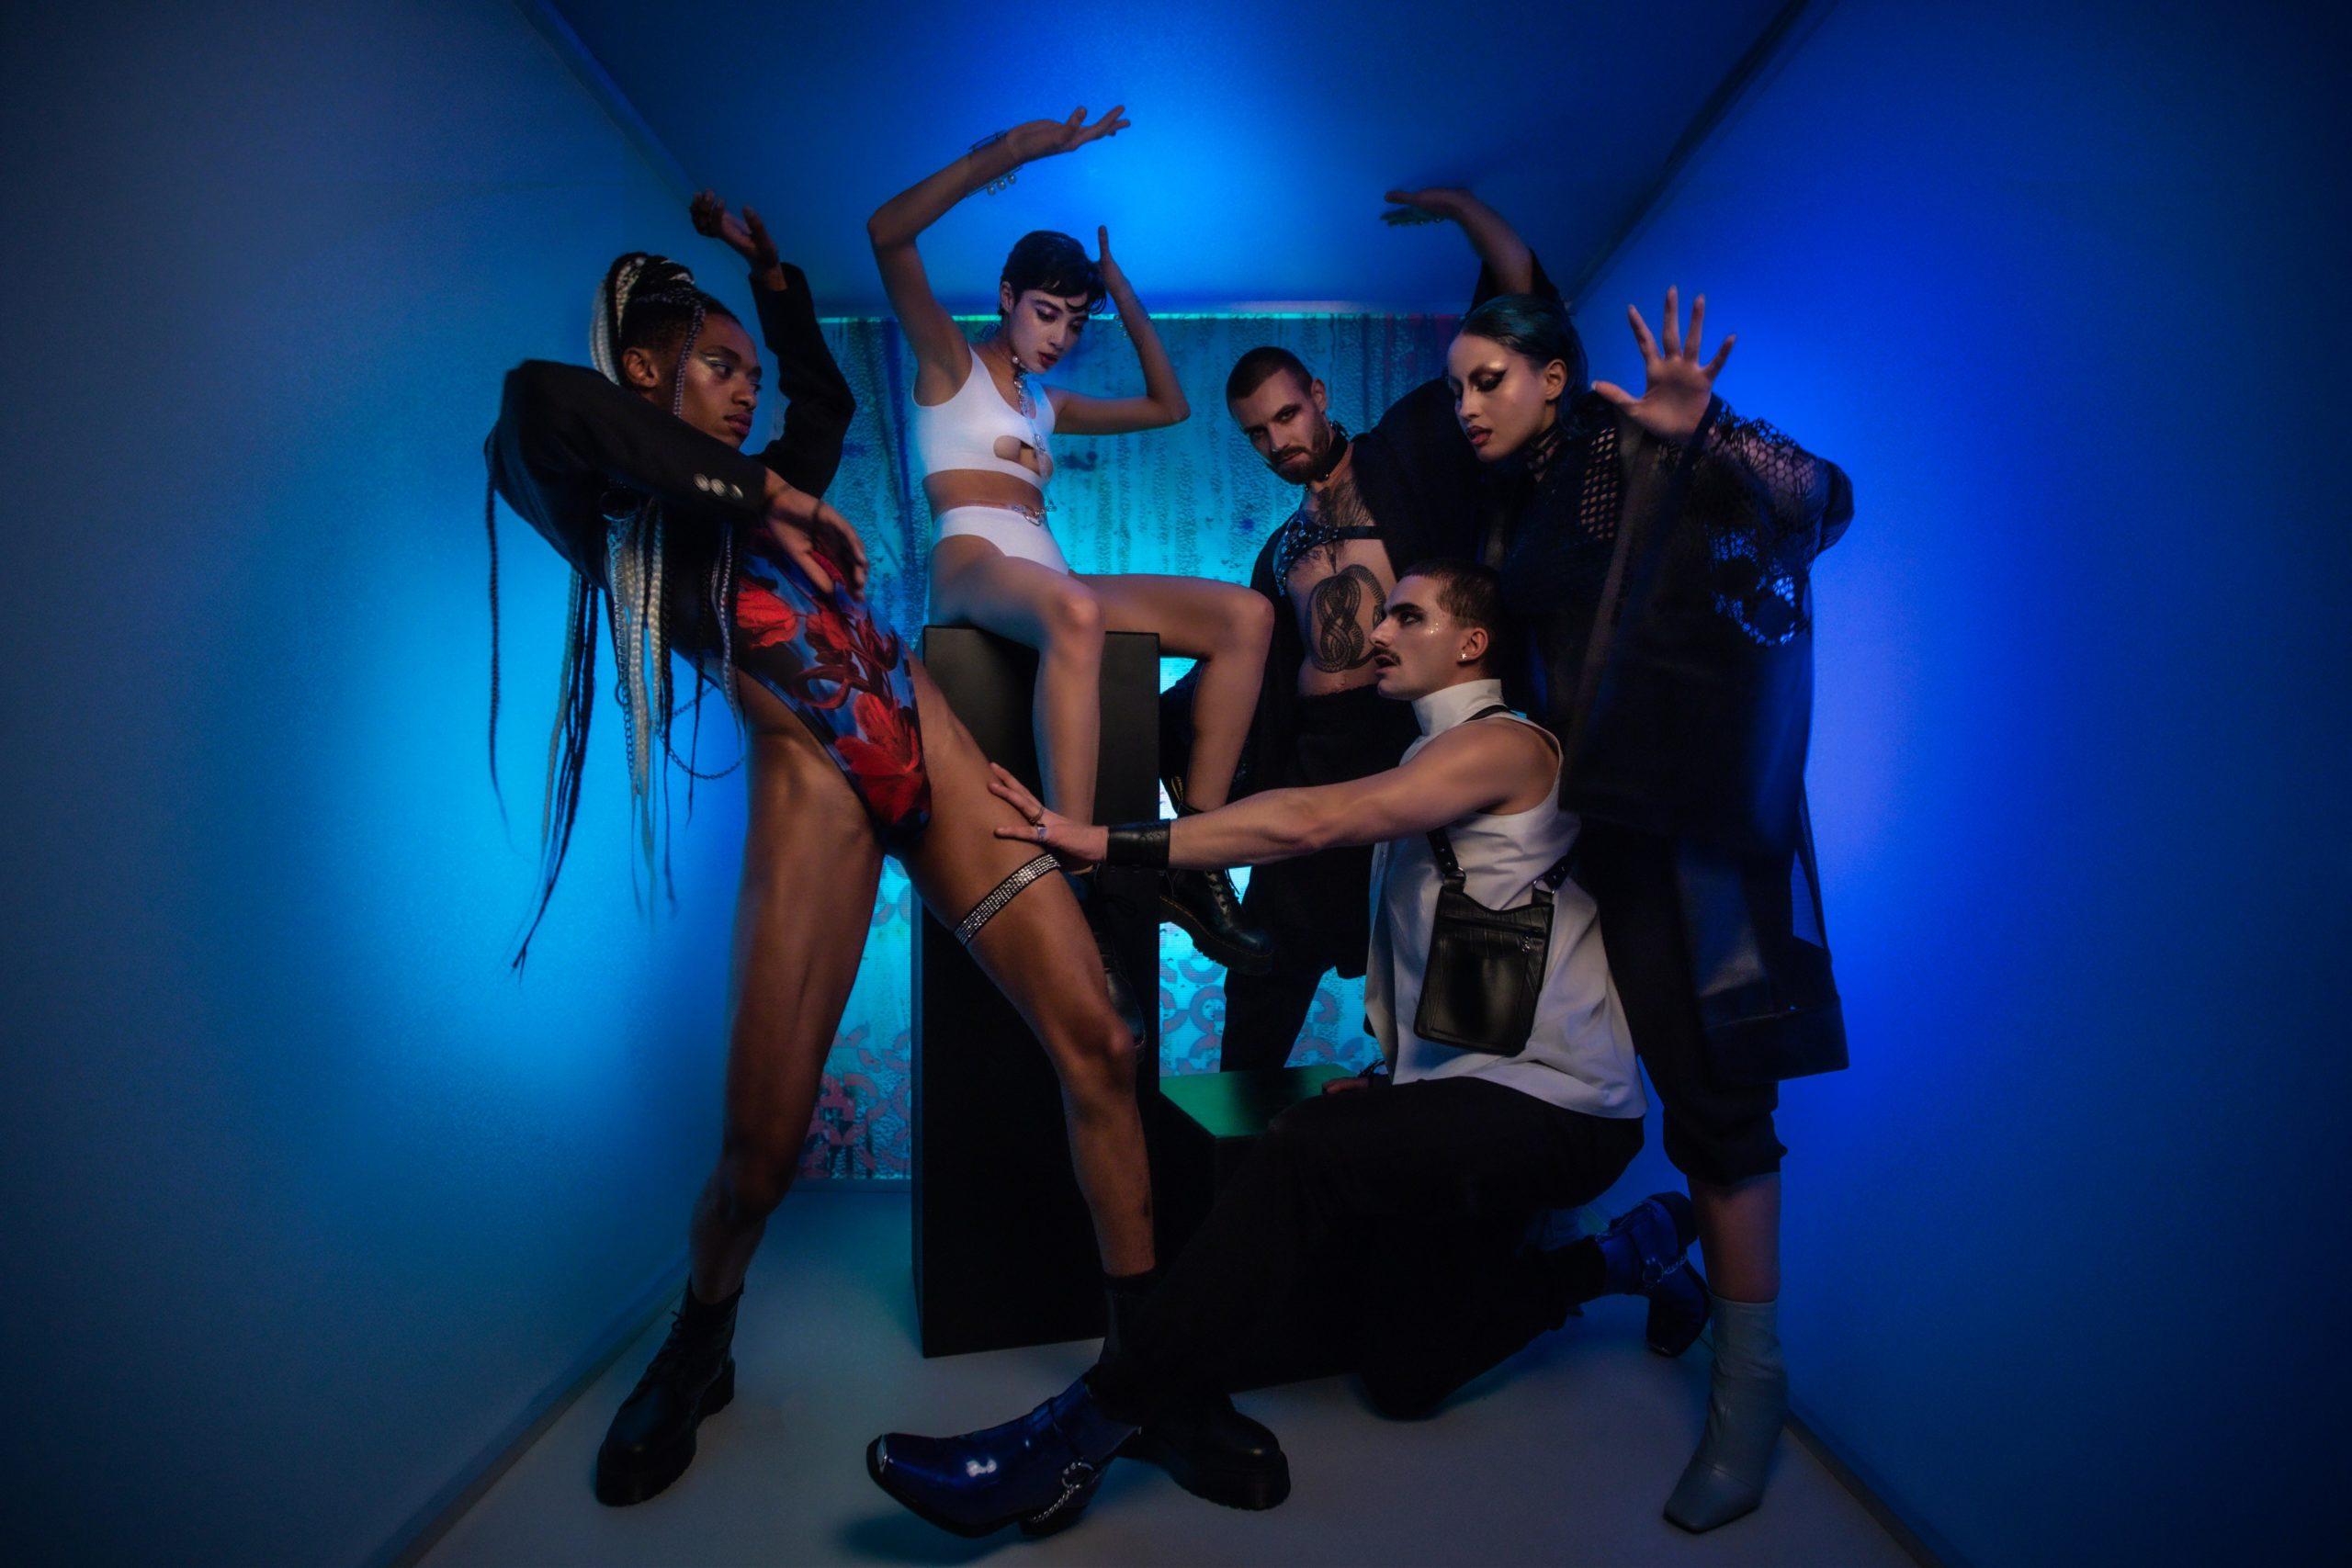 Stil Mode für einen sexpositiven Lebensstil: Unsere Outfits für die Dancefloors 2021 stellen wir bei The Code zusammen.